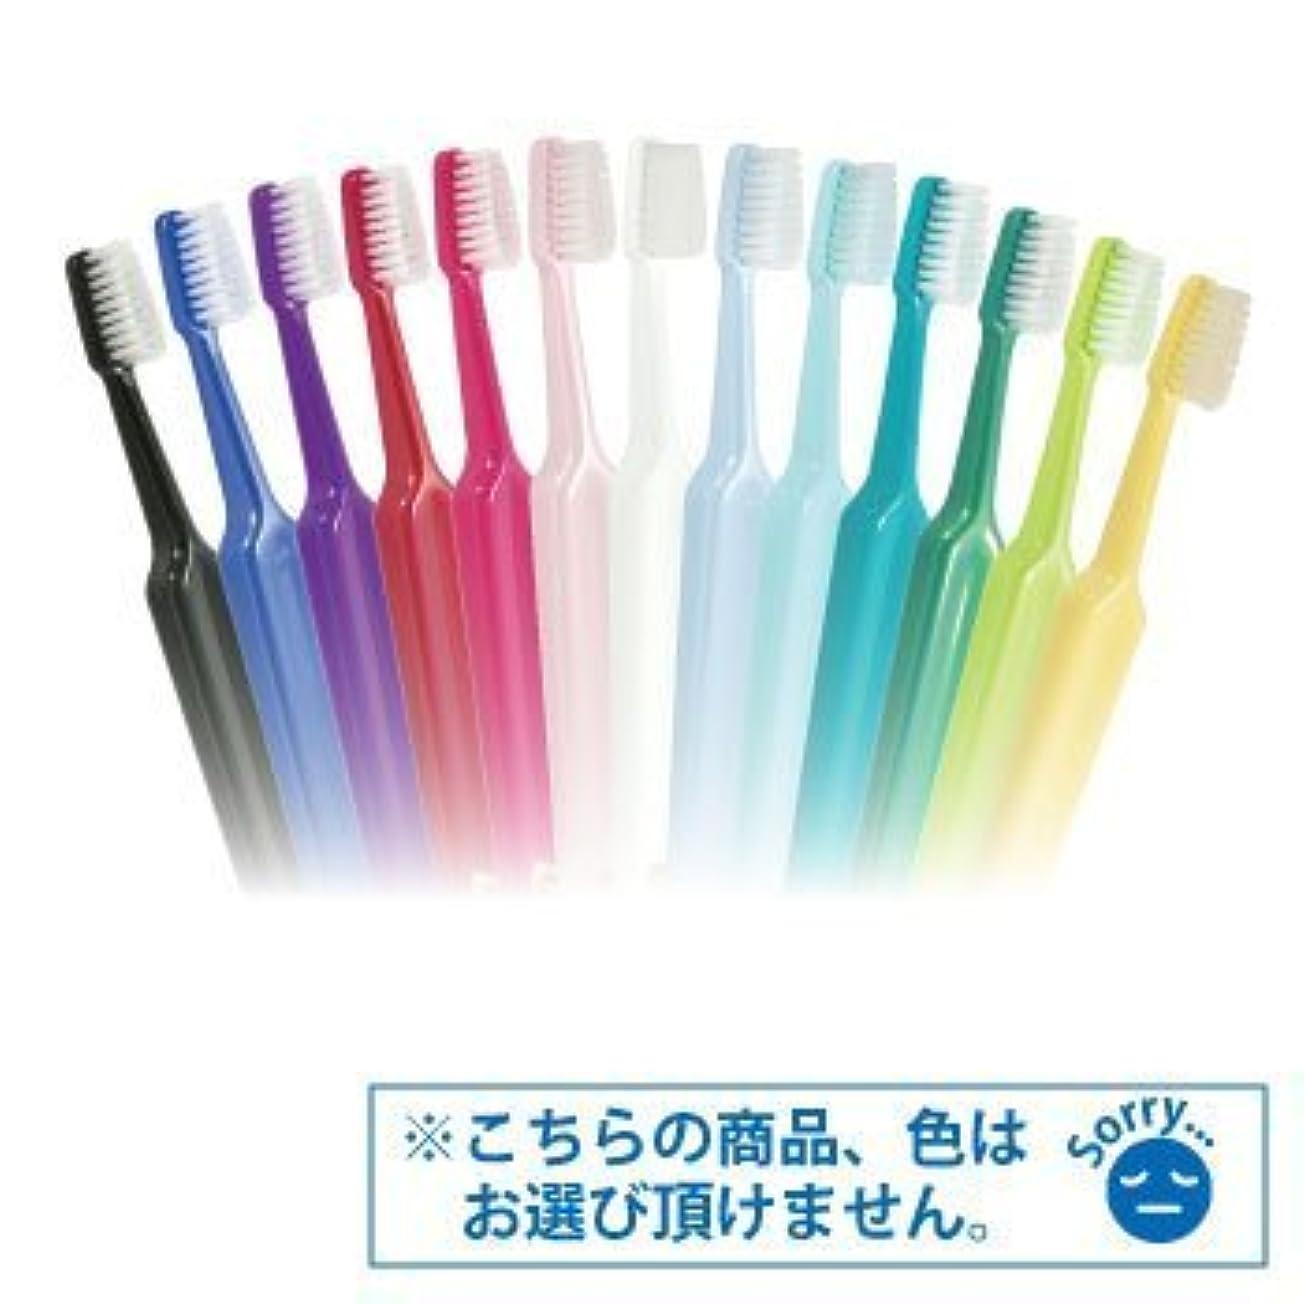 細断みなす暗いTepe歯ブラシ セレクトコンパクト /ソフト 20本入り